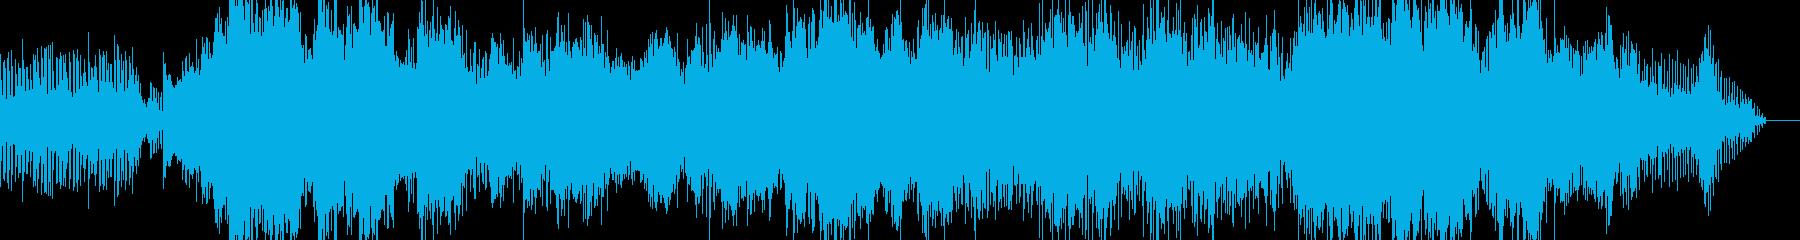 エスニックアンビエントー土の再生済みの波形